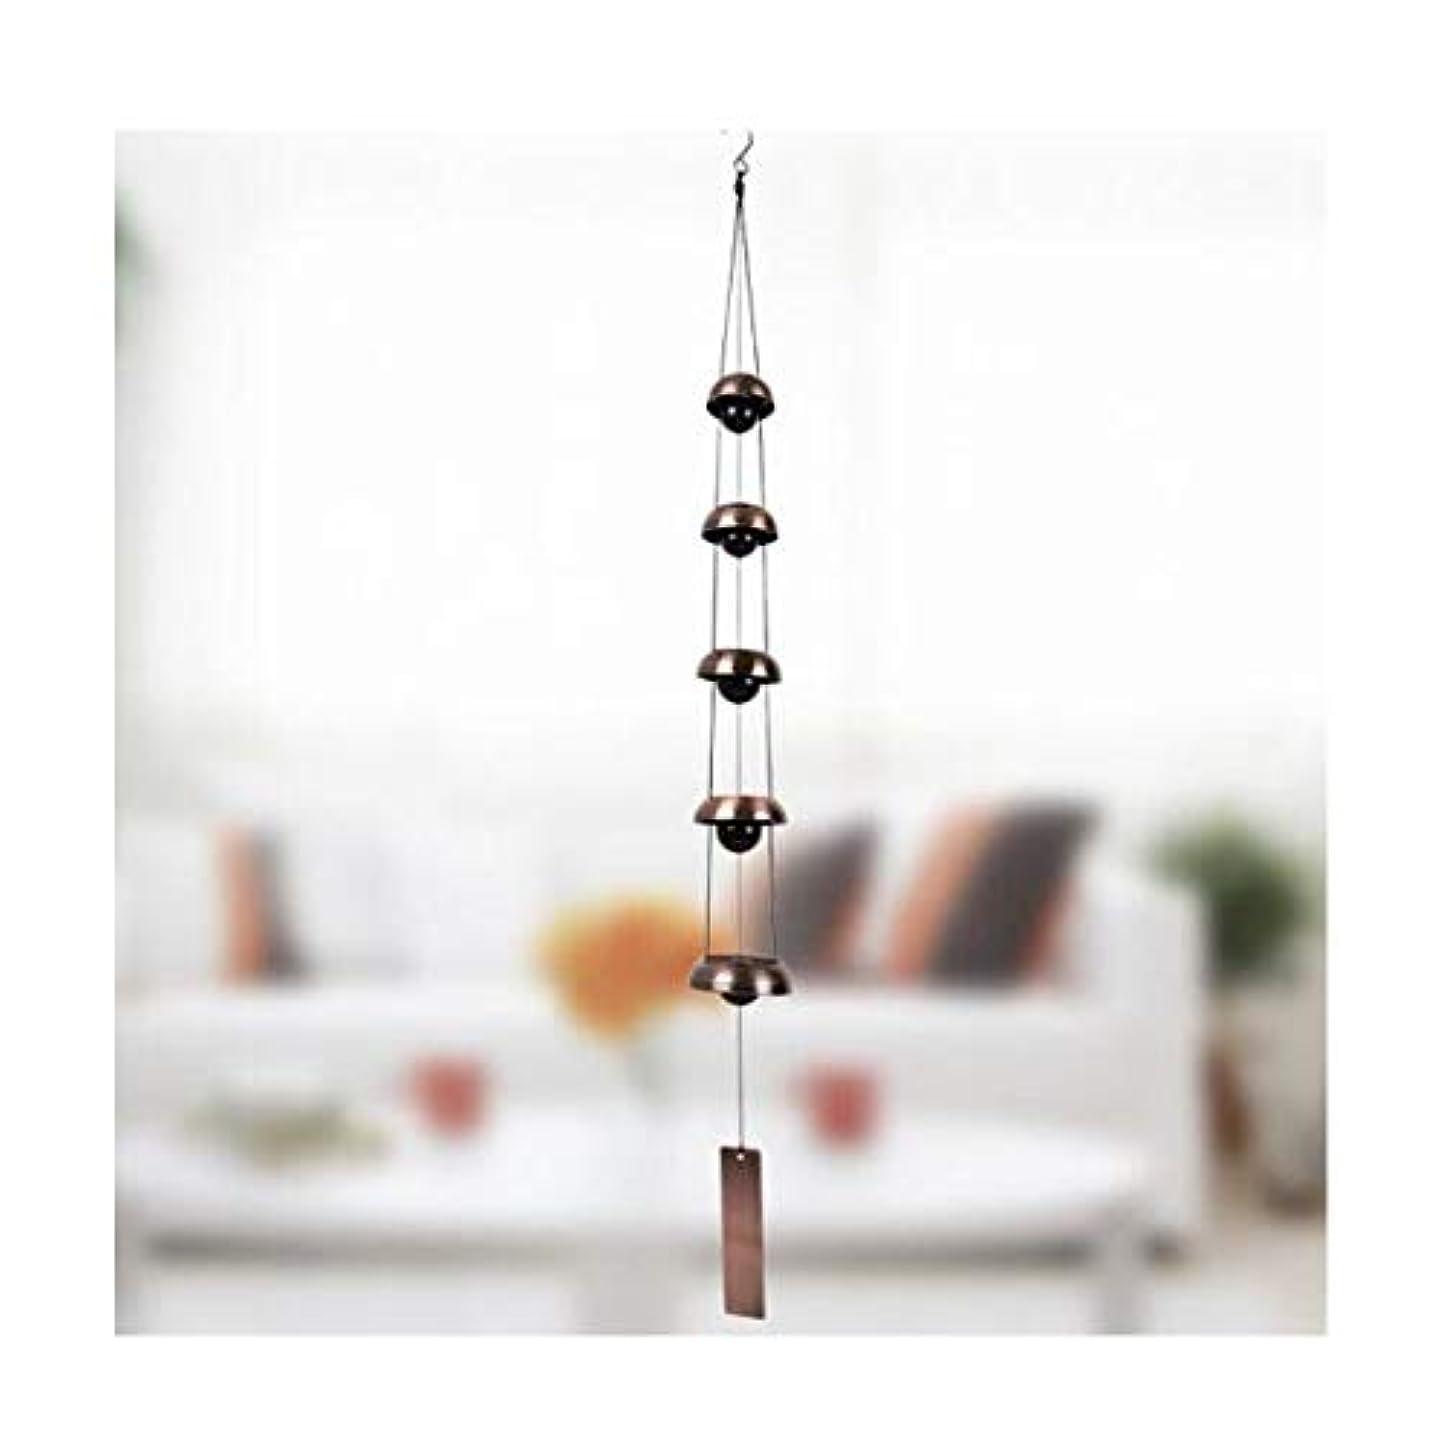 右笑どこ風チャイム、回転パゴダ五層祝福風の鐘、ホームレトロアイアンベルメタルオーナメント (Color : Bronze, Size : 90cm)